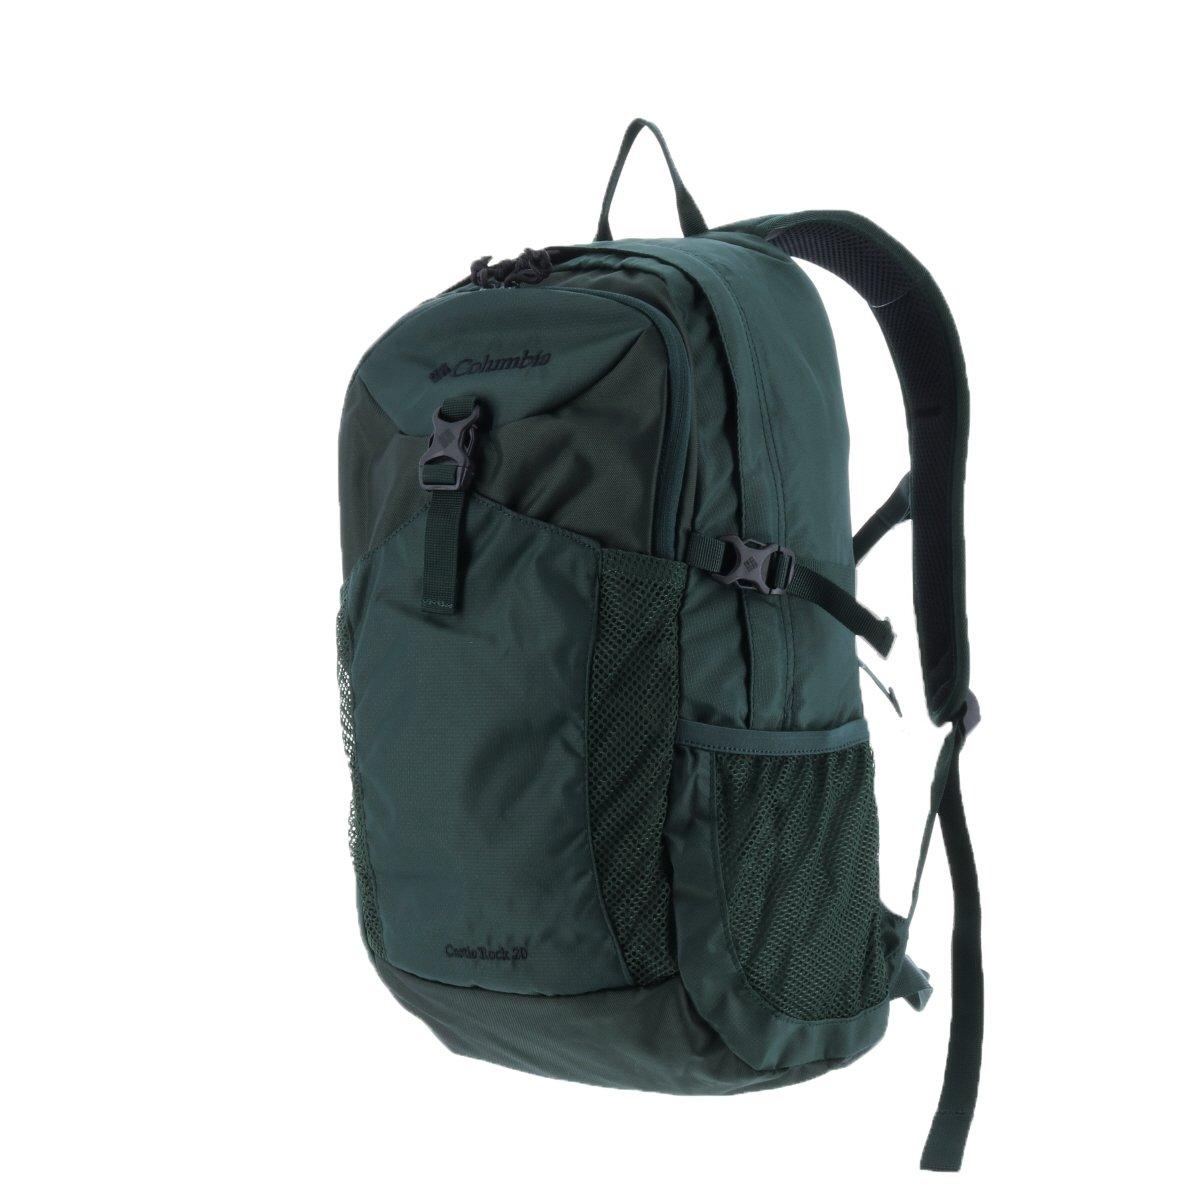 (コロンビア) Columbia リュックサック デイパック [Castle Rock 20L Backpack II] B07CKMWBK3 4.スプルース 4.スプルース